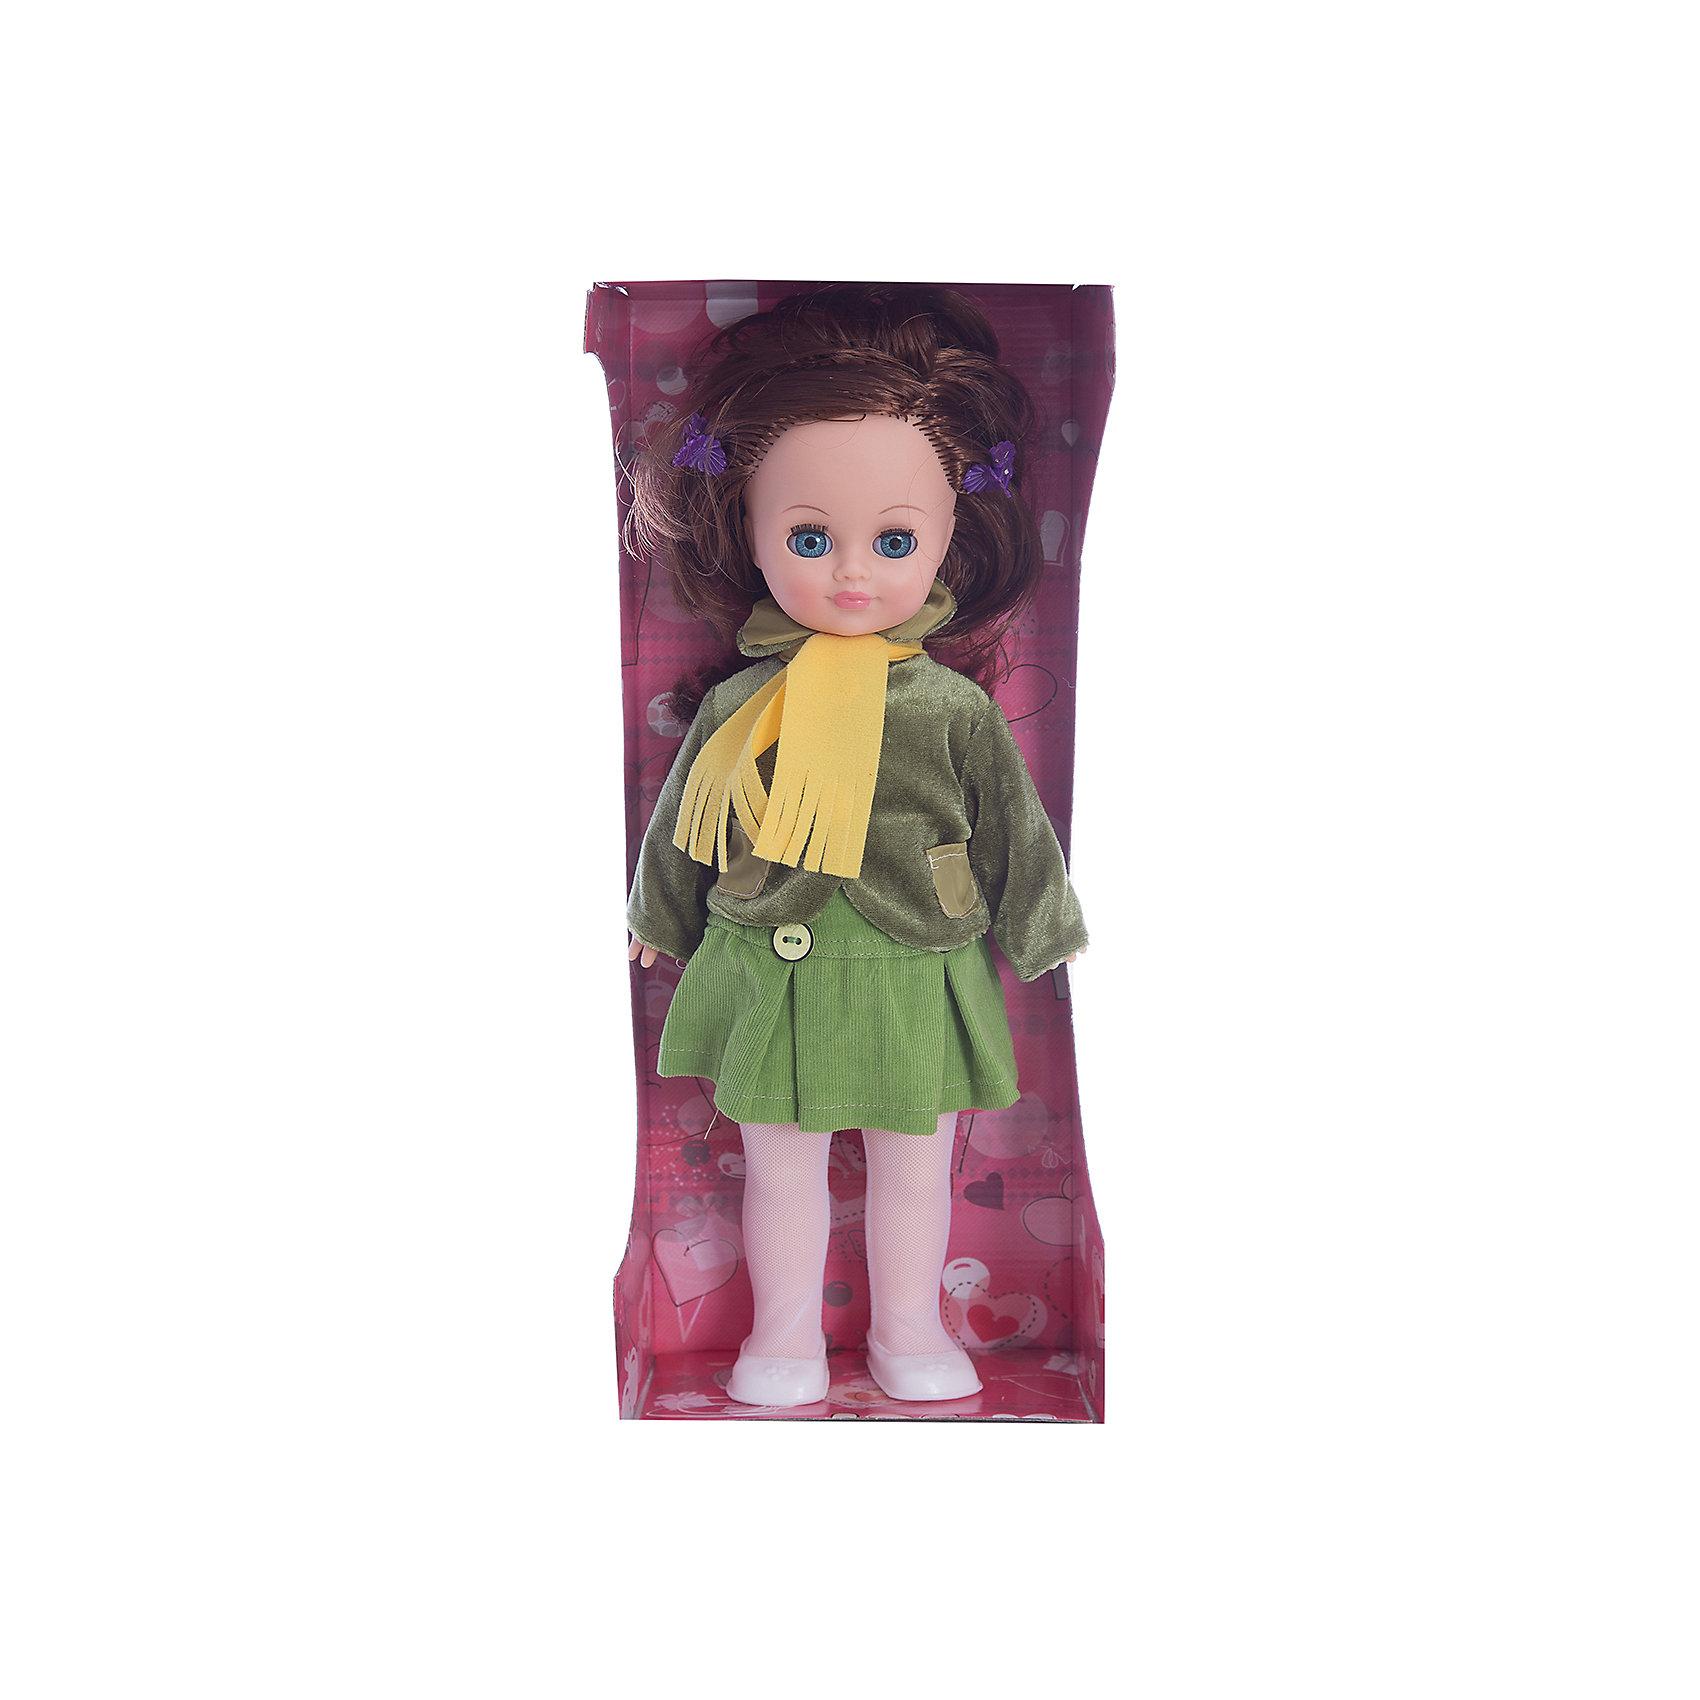 Кукла Маргарита 12, со звуком, ВеснаКукла Маргарита 12, со звуком, Весна.<br><br>Характеристики:<br><br>- Рост куклы: 38 см.<br>- Материал: голова и руки – винил, ноги и туловище- пластик<br>- Глаза вставные закрывающиеся<br>- Волосы: прошитые из нейлона<br>- Батарейки: 3 типа СЦ357 или других аналогичных (входят в комплект)<br><br>Озвученная кукла Маргарита из серии «Моя любимая кукла» станет любимой куклой и лучшей подружкой для Вашей девочки. Образ куклы тщательно проработан — одежда подобрана со вкусом и учетом направлений моды. Она одета в весенний комплект, который включает трикотажную блузку, вельветовую юбку с отрезной кокеткой с застёжками сзади на контактную ленту «Велкро», желтый шарфик, куртку из бархата с длинными рукавами и отложным воротником. На ножках – колготки и белые туфли. Все элементы одежды можно легко снять, чтобы переодеть куклу. Шикарные длинные волосы куклы, выполненные из нейлона, очень похожи на натуральные. Их можно заплетать в косу, завивать, расчёсывать и укладывать в разные причёски, меняя образ куклы. Выразительные глаза с пушистыми ресницами, закрываются, как только кукла принимает горизонтальное положение. Кукла умеет говорить, она произносит до 10 фраз при нажатии на звуковое устройство, находящееся у нее на спинке. Тело куклы выполнено пропорционально из качественного пластика, а руки и голова из эластичного, приятного на ощупь винила. Кукла имеет подвижные части тела, благодаря чему может принимать любую позу во время игры: её можно посадить, уложить спать и удобно переодевать. Кукла соответствует Техническому регламенту Таможенного Союза о безопасности игрушки.<br><br>Куклу Маргарита 12, со звуком, Весна можно купить в нашем интернет-магазине.<br><br>Ширина мм: 420<br>Глубина мм: 170<br>Высота мм: 100<br>Вес г: 360<br>Возраст от месяцев: 36<br>Возраст до месяцев: 144<br>Пол: Женский<br>Возраст: Детский<br>SKU: 4896504